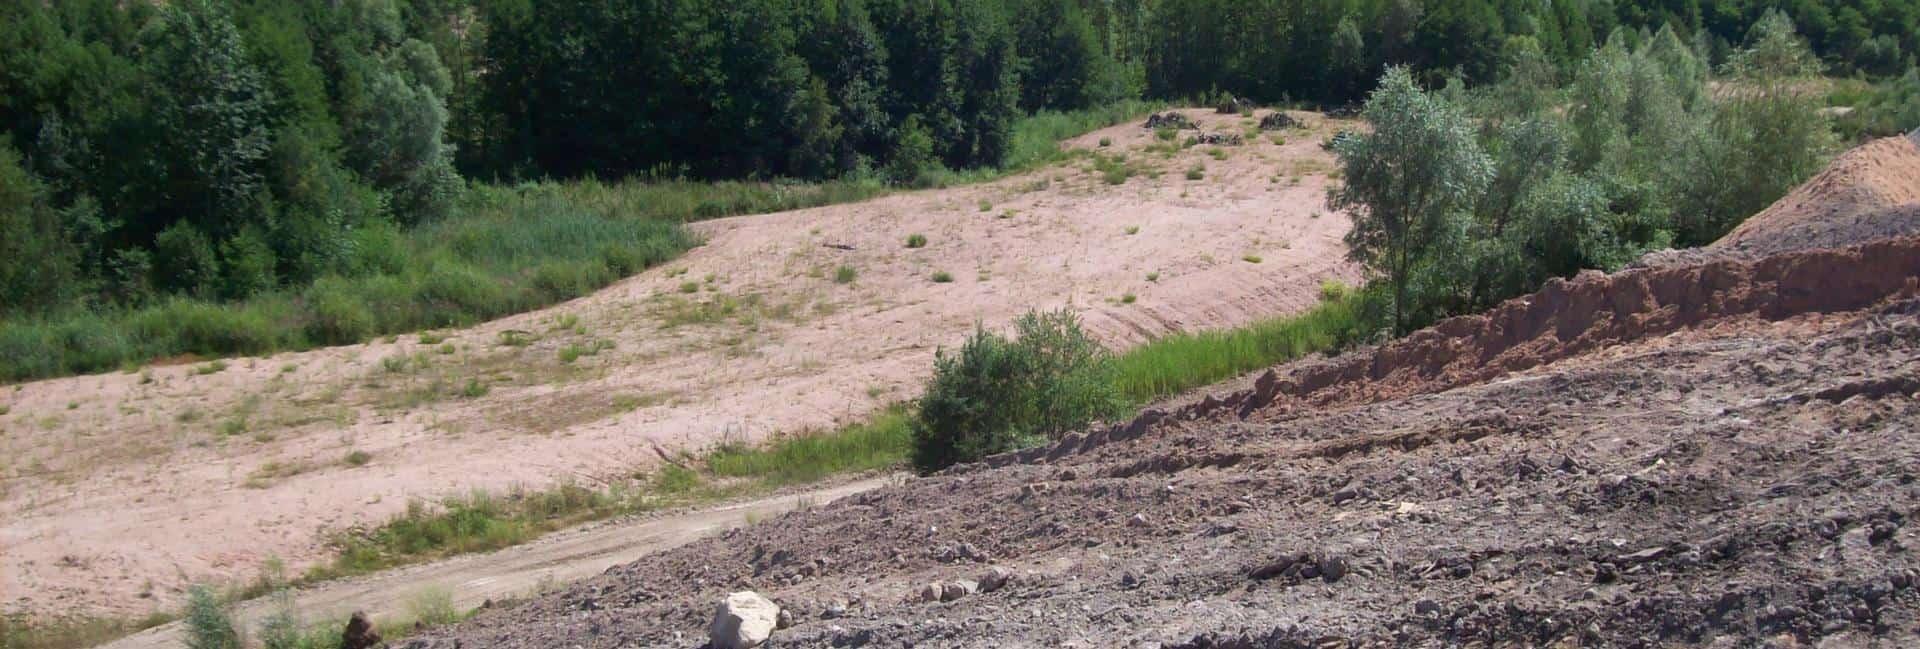 Fremdüberwachung Verfüllung ehemaliger Sandtagebau Böhmanger